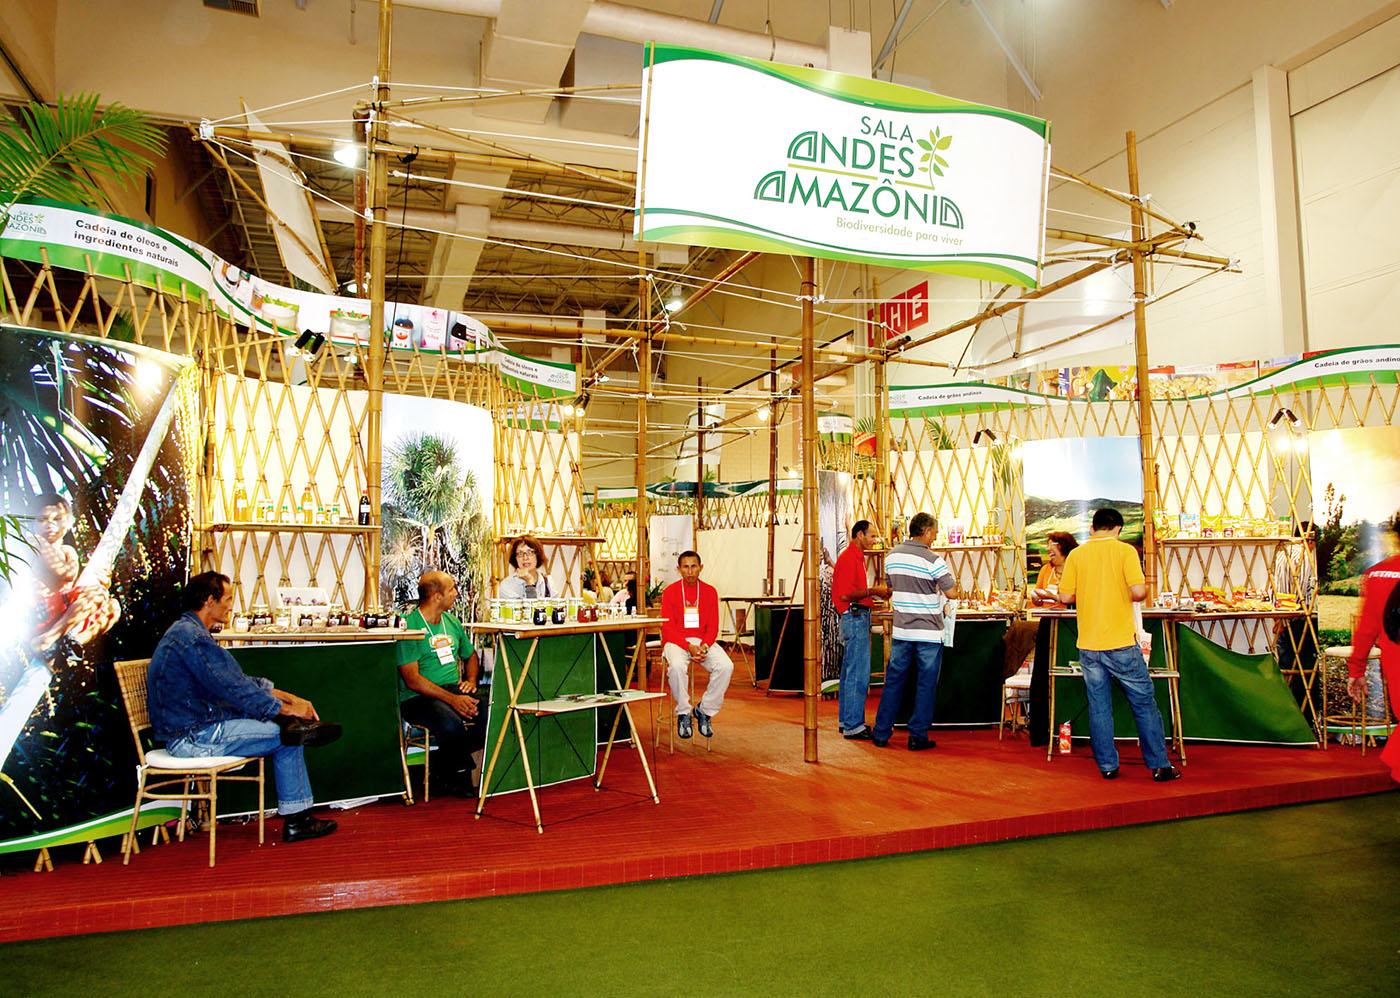 Sala-Andes-Amazônia-Biofach-São-Paulo-5.jpg